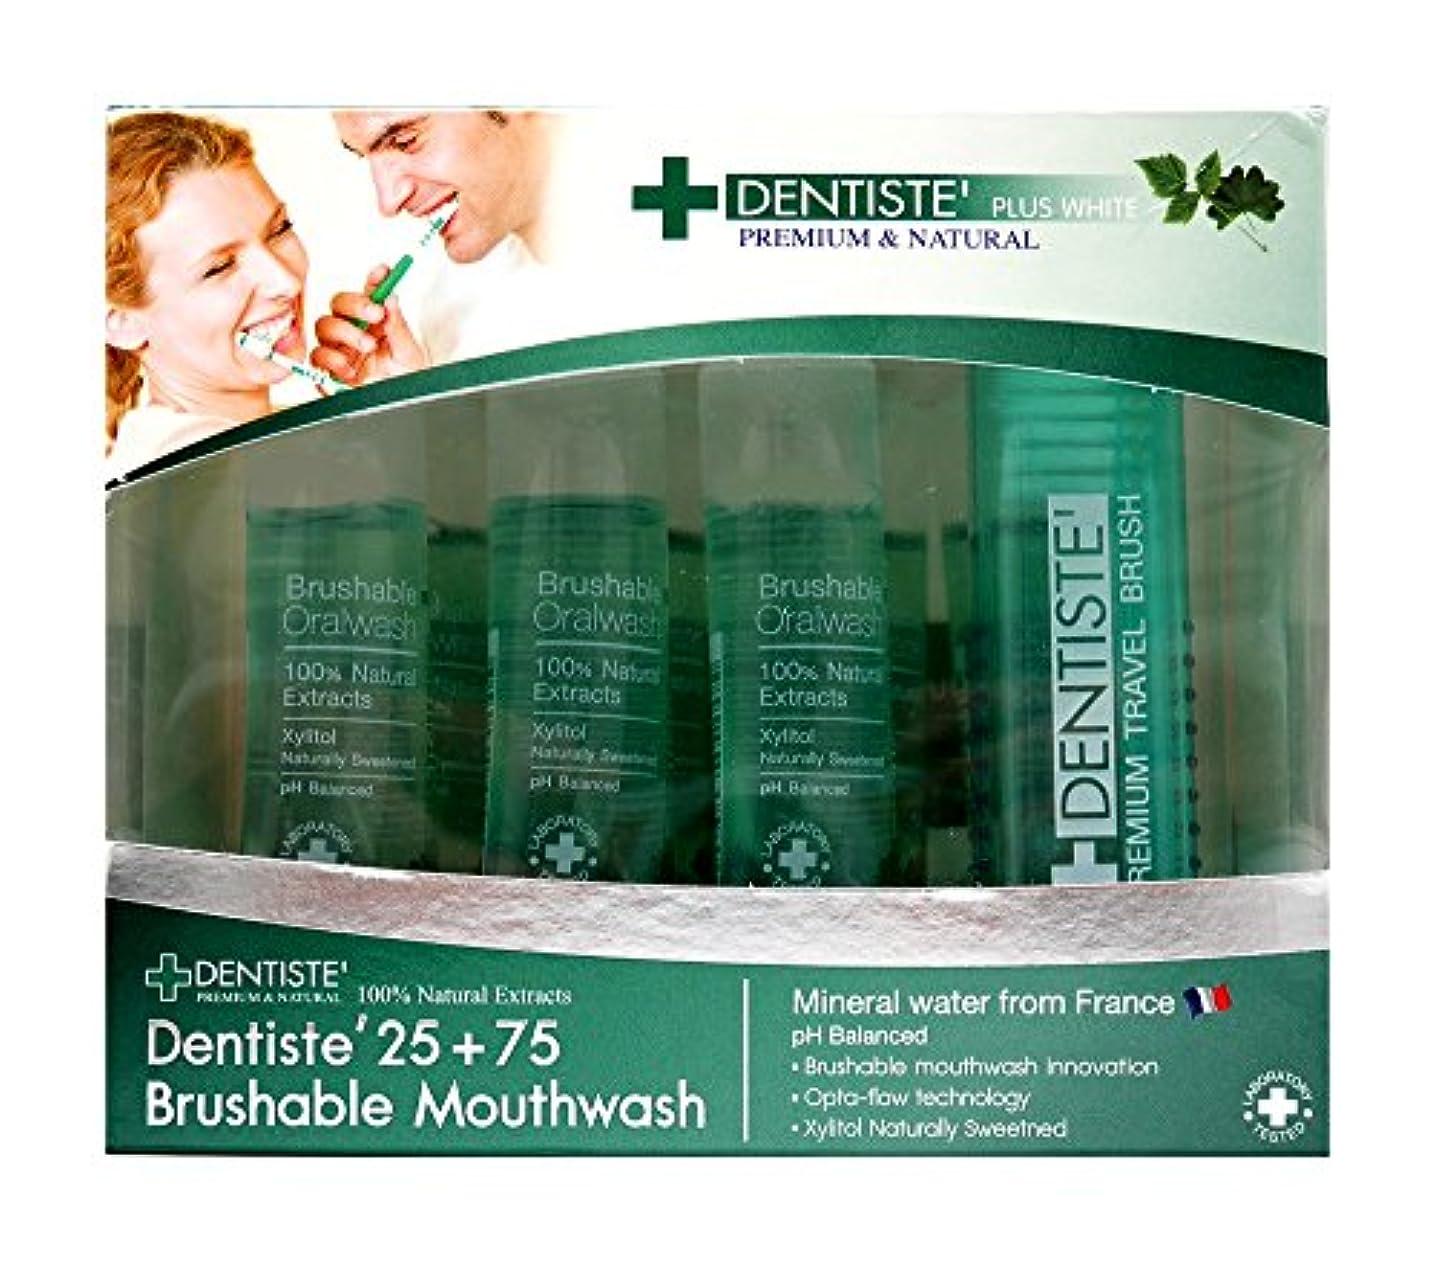 過剰香り上向き(デンティス)DENTISTE 液体歯磨き粉 12ml x 7本 収納式歯ブラシ付